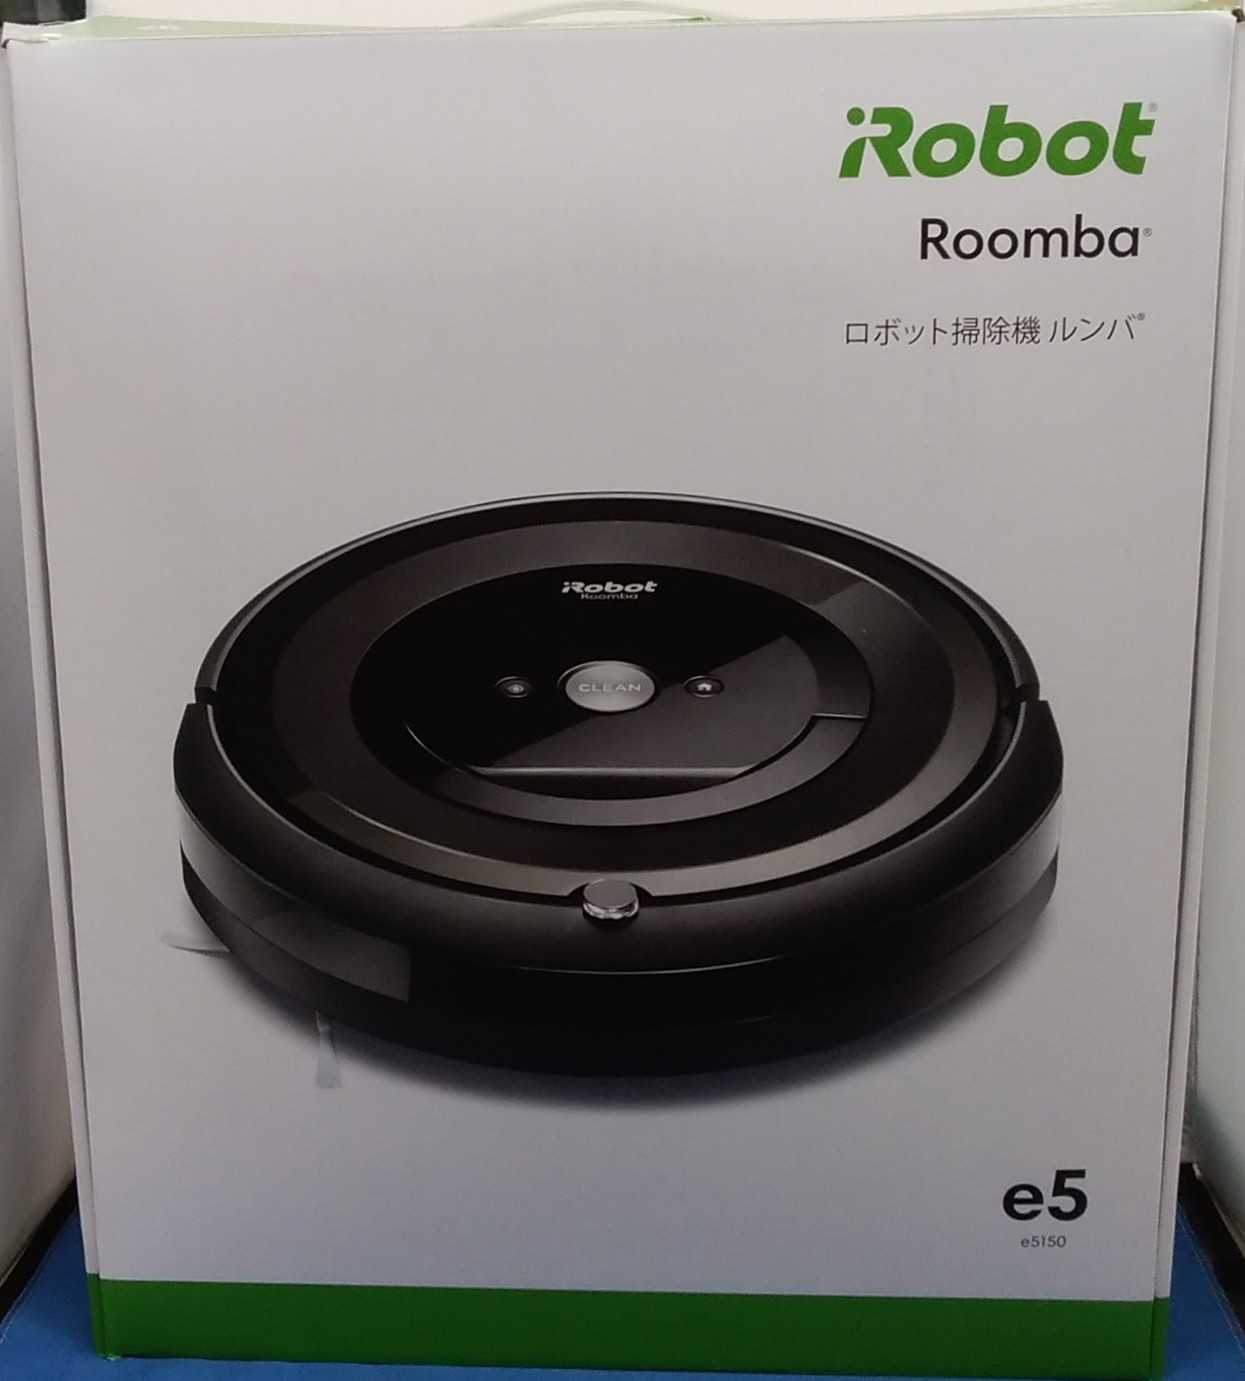 ロボット掃除機 E5150|IROBOT